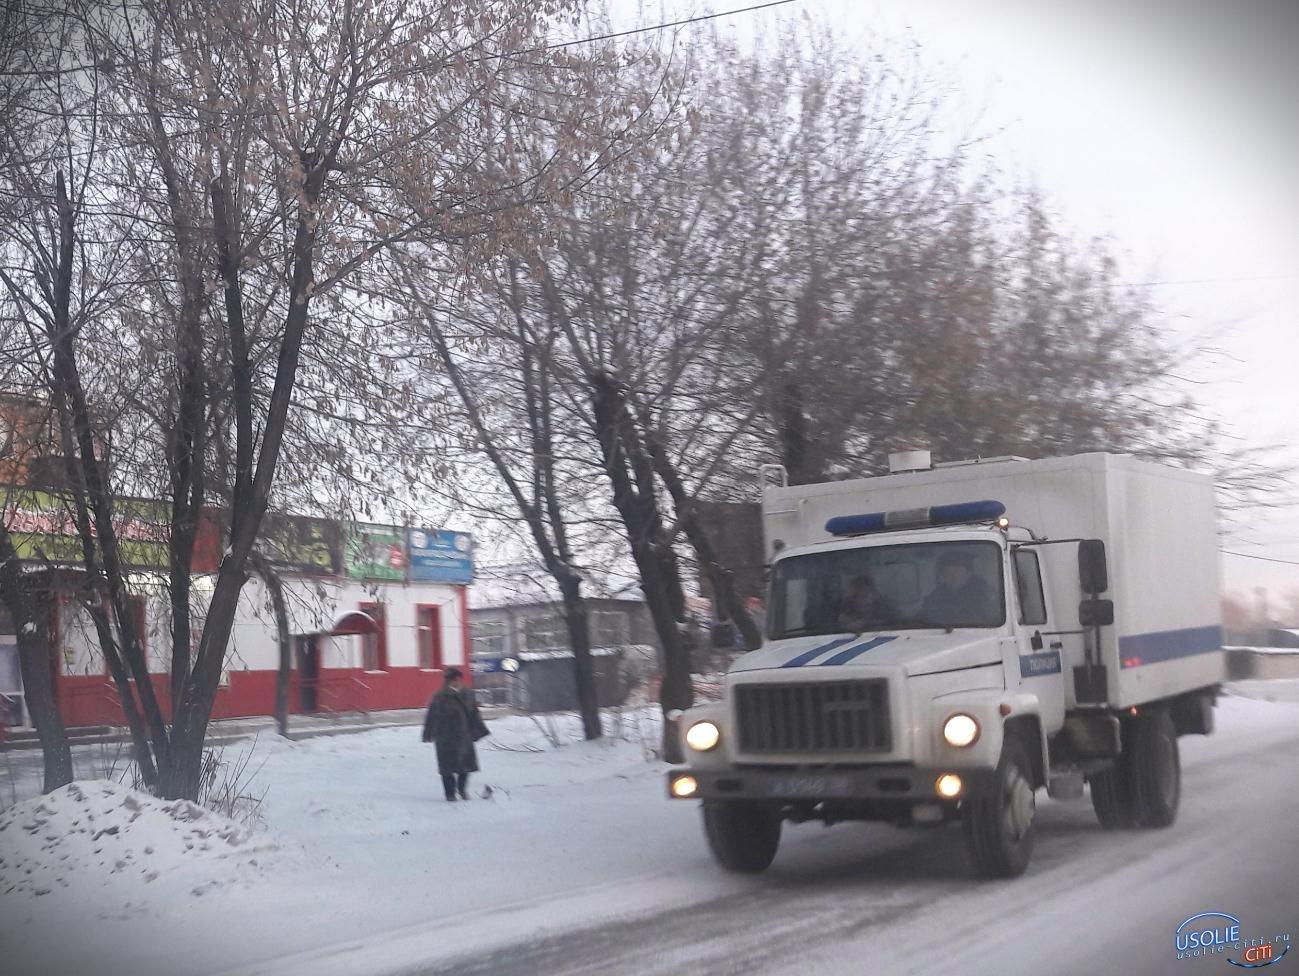 Вынесен приговор в отношении ОПГ, распространявшей героин на территории Усольского района